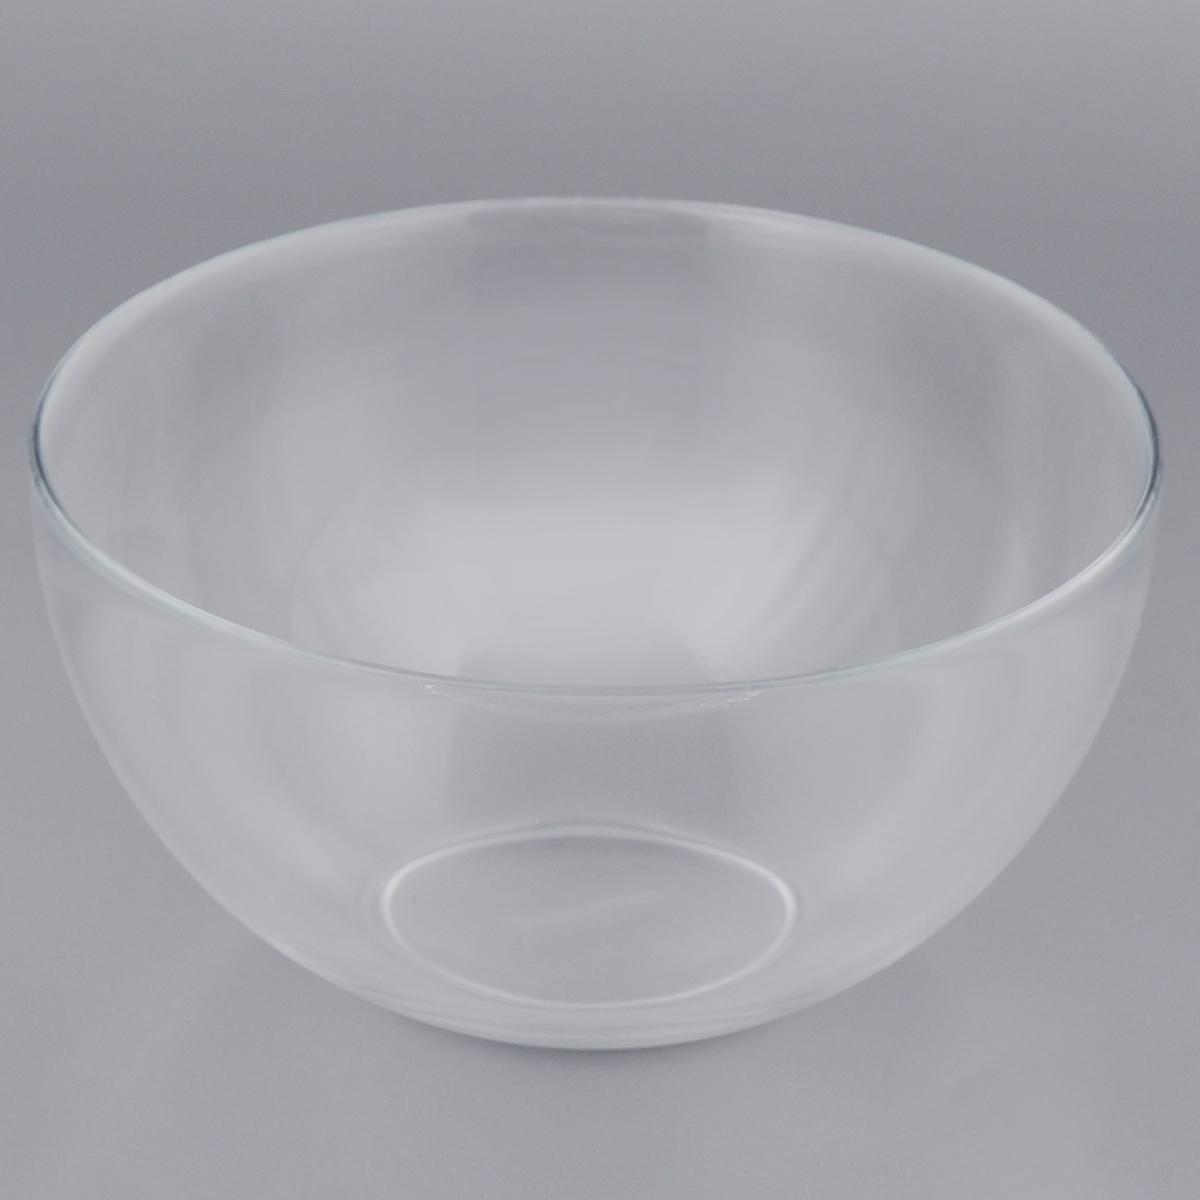 Миска Tescoma Giro, диаметр 16 см389216Миска Tescoma Giro выполнена из высококачественного стекла и предназначена для подачи салатов и других блюд. Изделие сочетает в себеизысканный дизайн с максимальной функциональностью. Она прекрасно впишется в интерьер вашей кухни и станет достойным дополнением к кухонному инвентарю. Миска Tescoma Giro подчеркнет прекрасный вкус хозяйки и станет отличным подарком. Можно использовать в СВЧ и мыть в посудомоечной машине.Диаметр миски (по верхнему краю): 16 см. Высота стенки: 8,5 см.